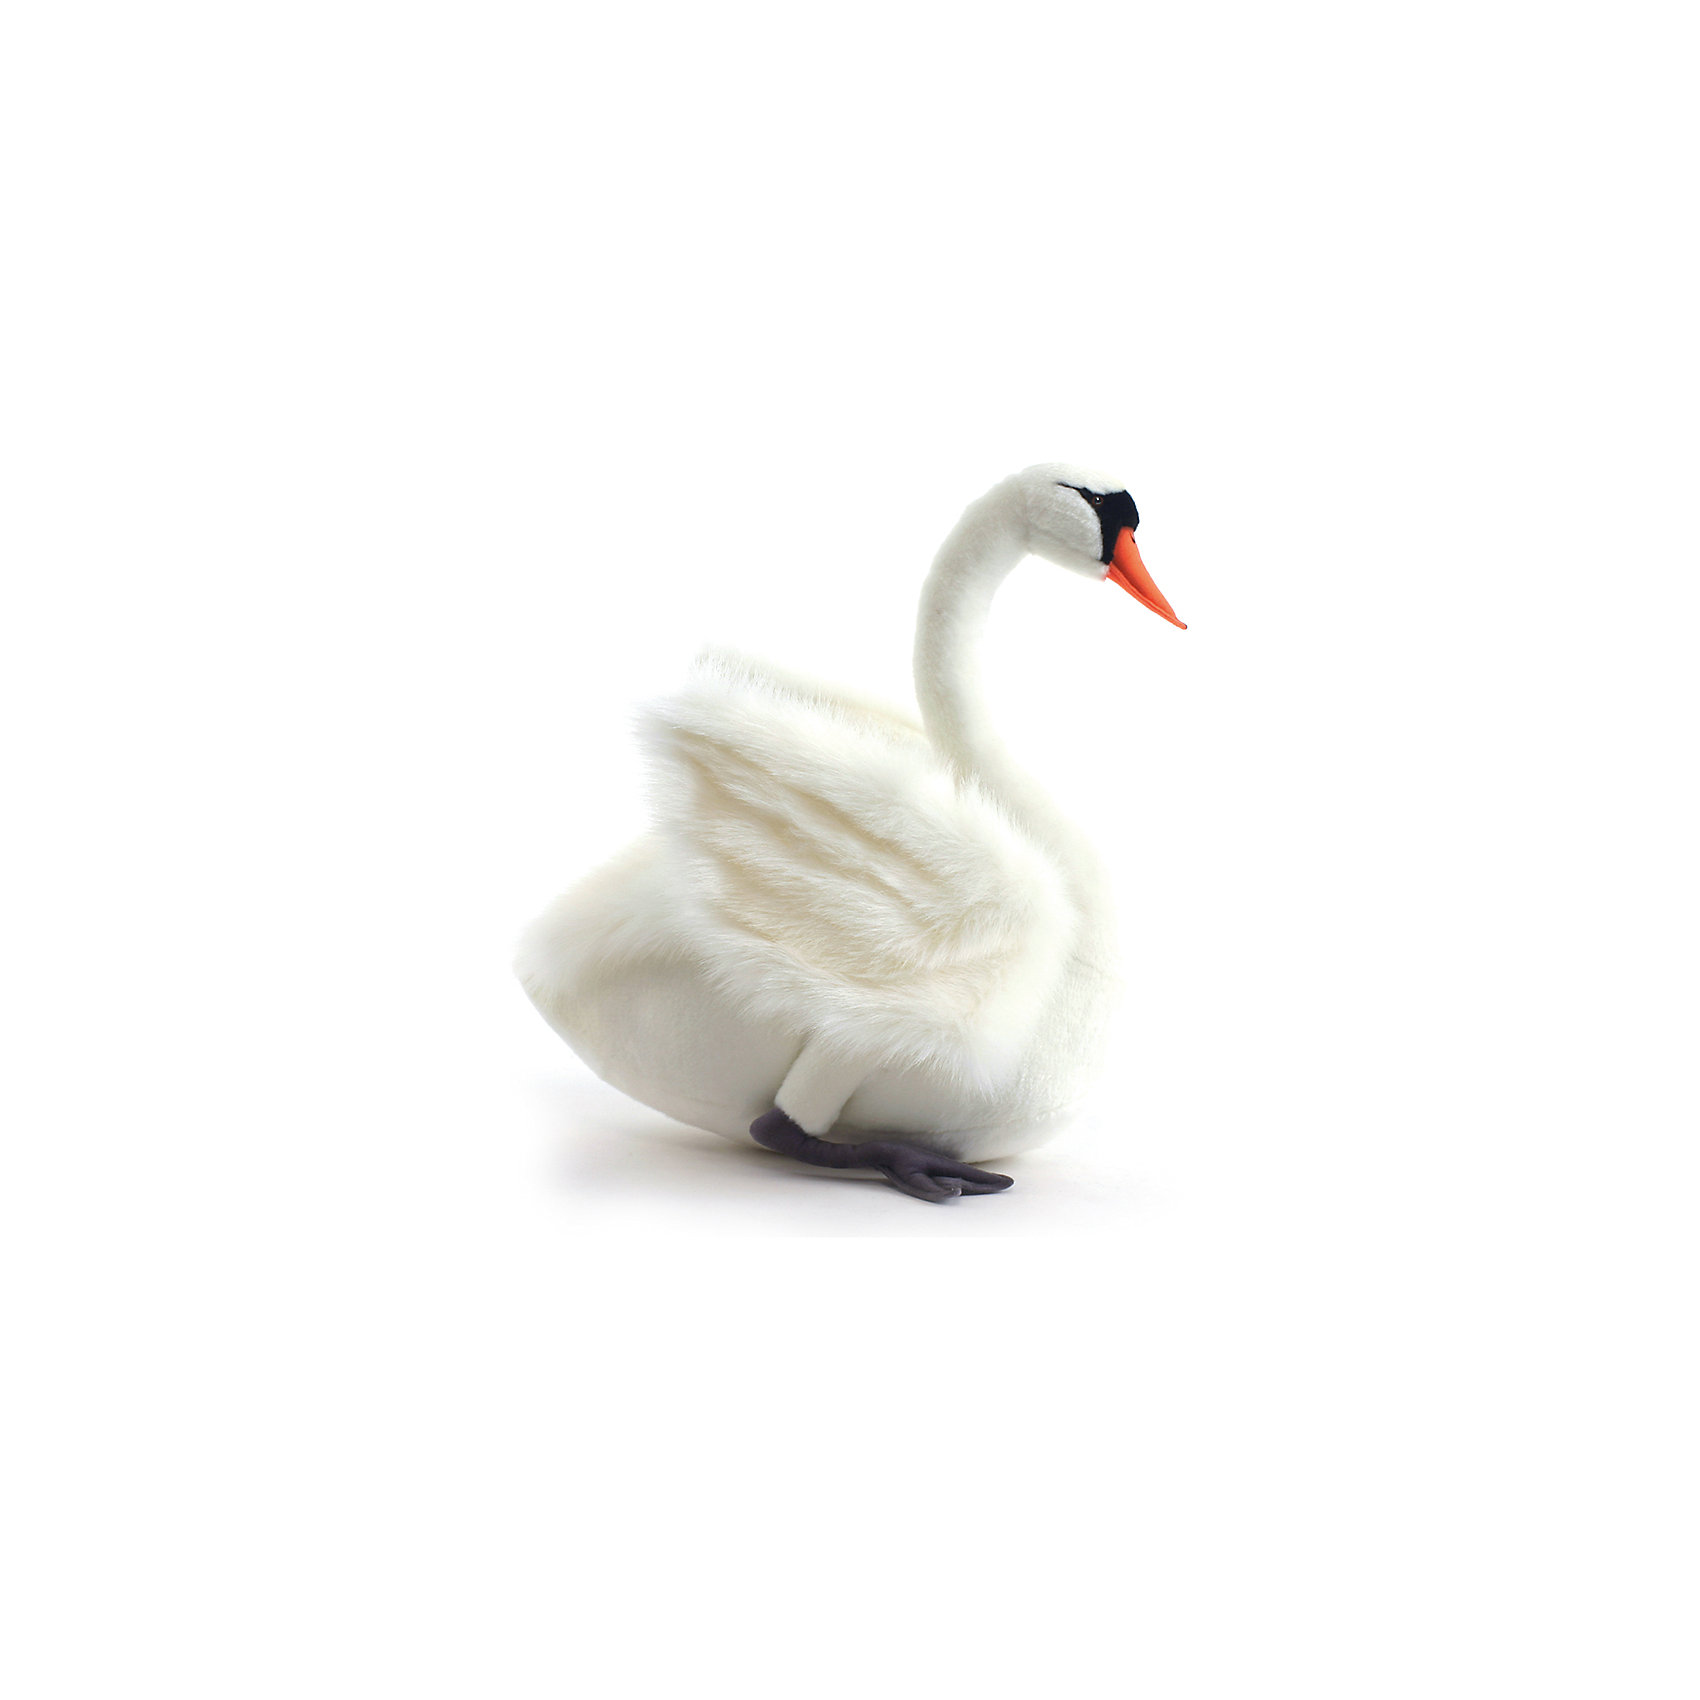 Лебедь белый, 27 см, HansaЗвери и птицы<br><br><br>Ширина мм: 290<br>Глубина мм: 190<br>Высота мм: 270<br>Вес г: 250<br>Возраст от месяцев: 36<br>Возраст до месяцев: 2147483647<br>Пол: Унисекс<br>Возраст: Детский<br>SKU: 6680731